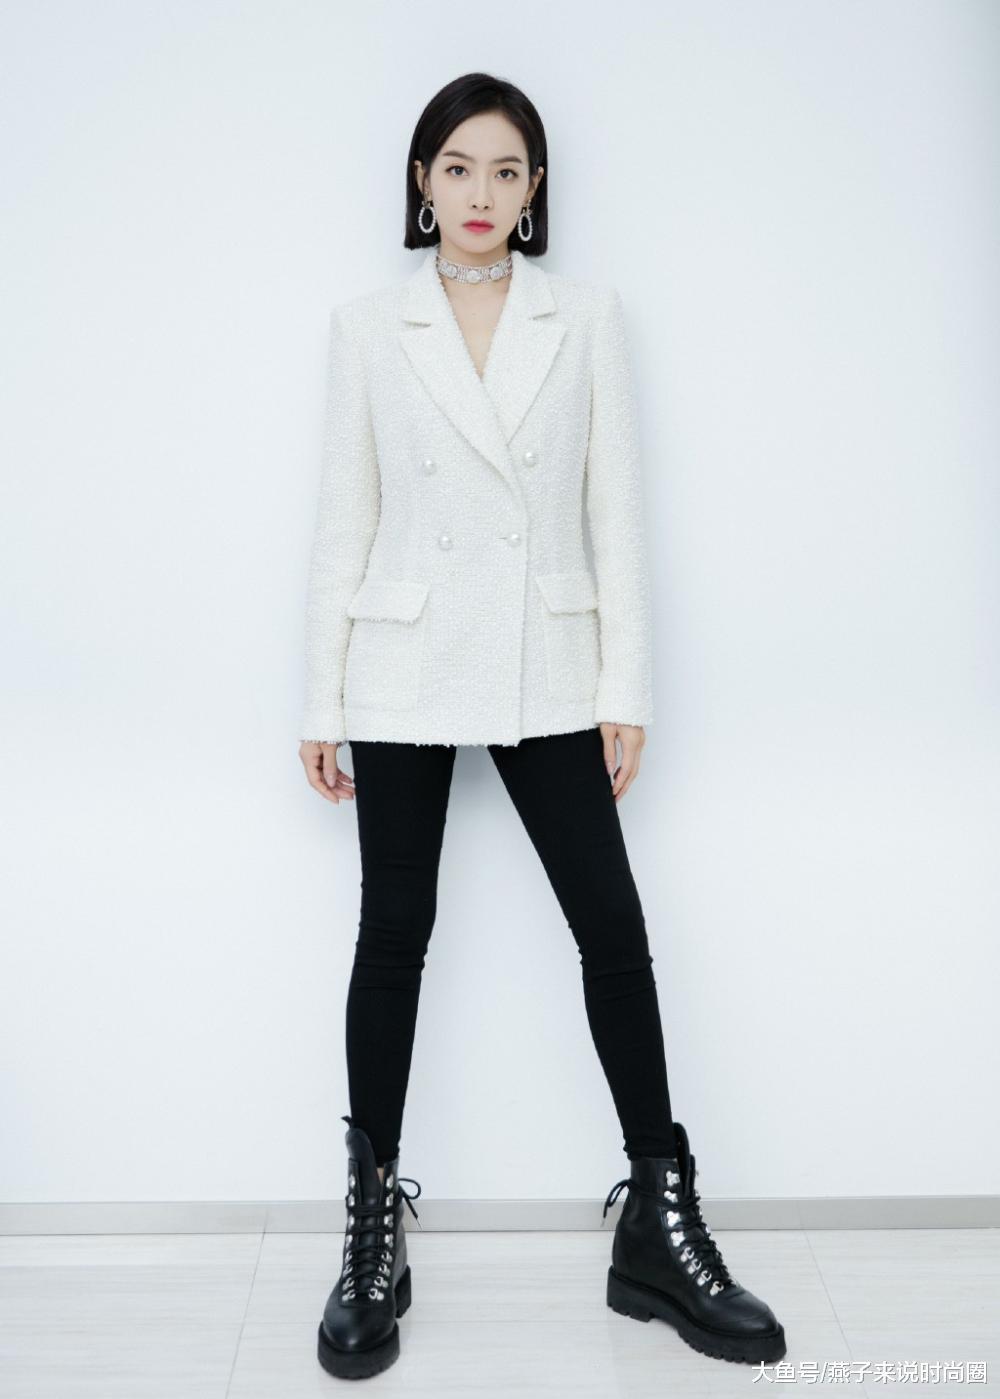 宋茜变身办公室白领,穿黑色紧身裤配西装,右手一放却是性感满分